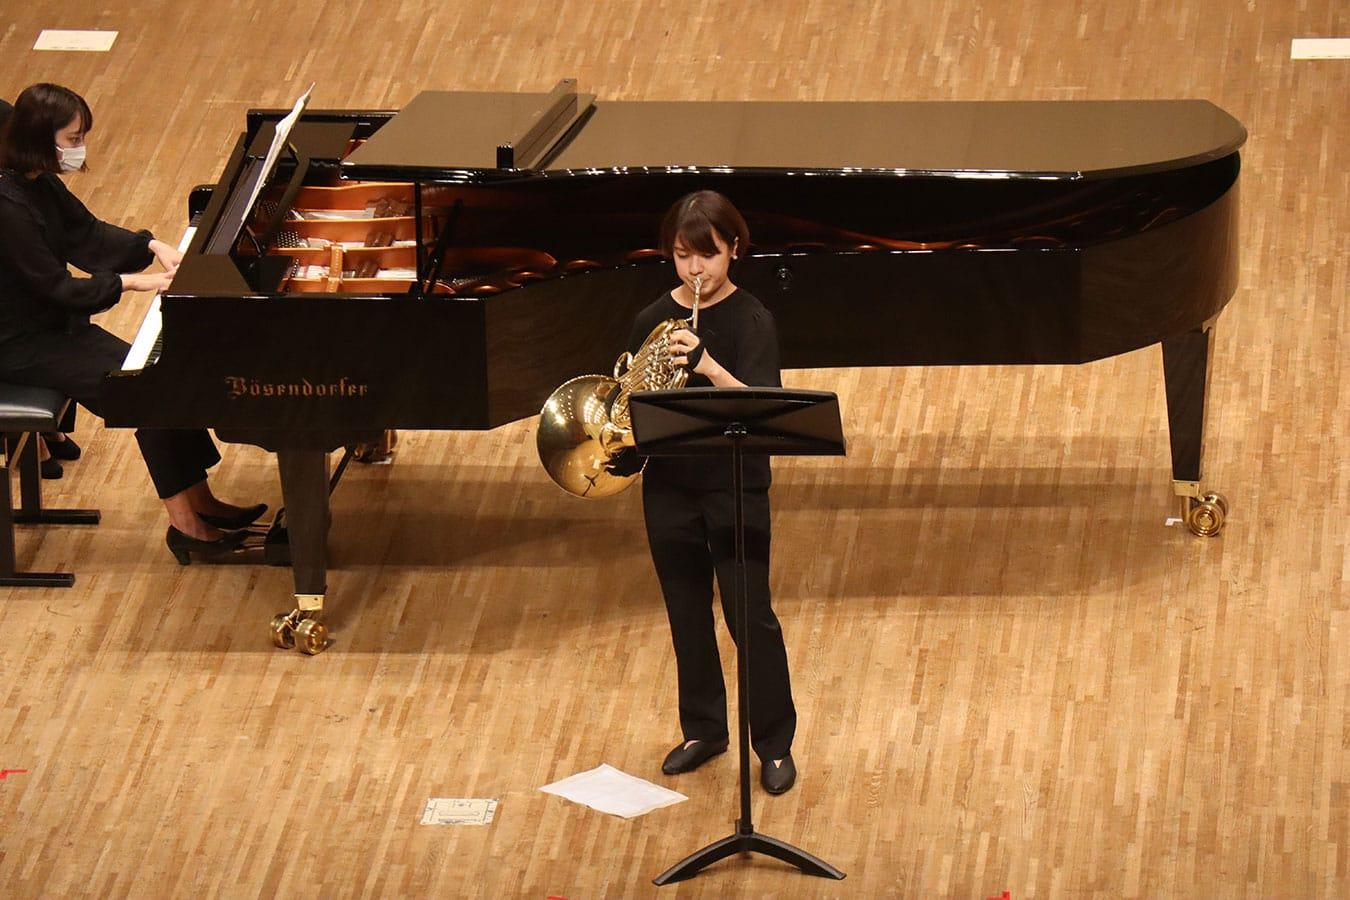 第2回学内演奏会 ―管打楽コース―演奏風景1